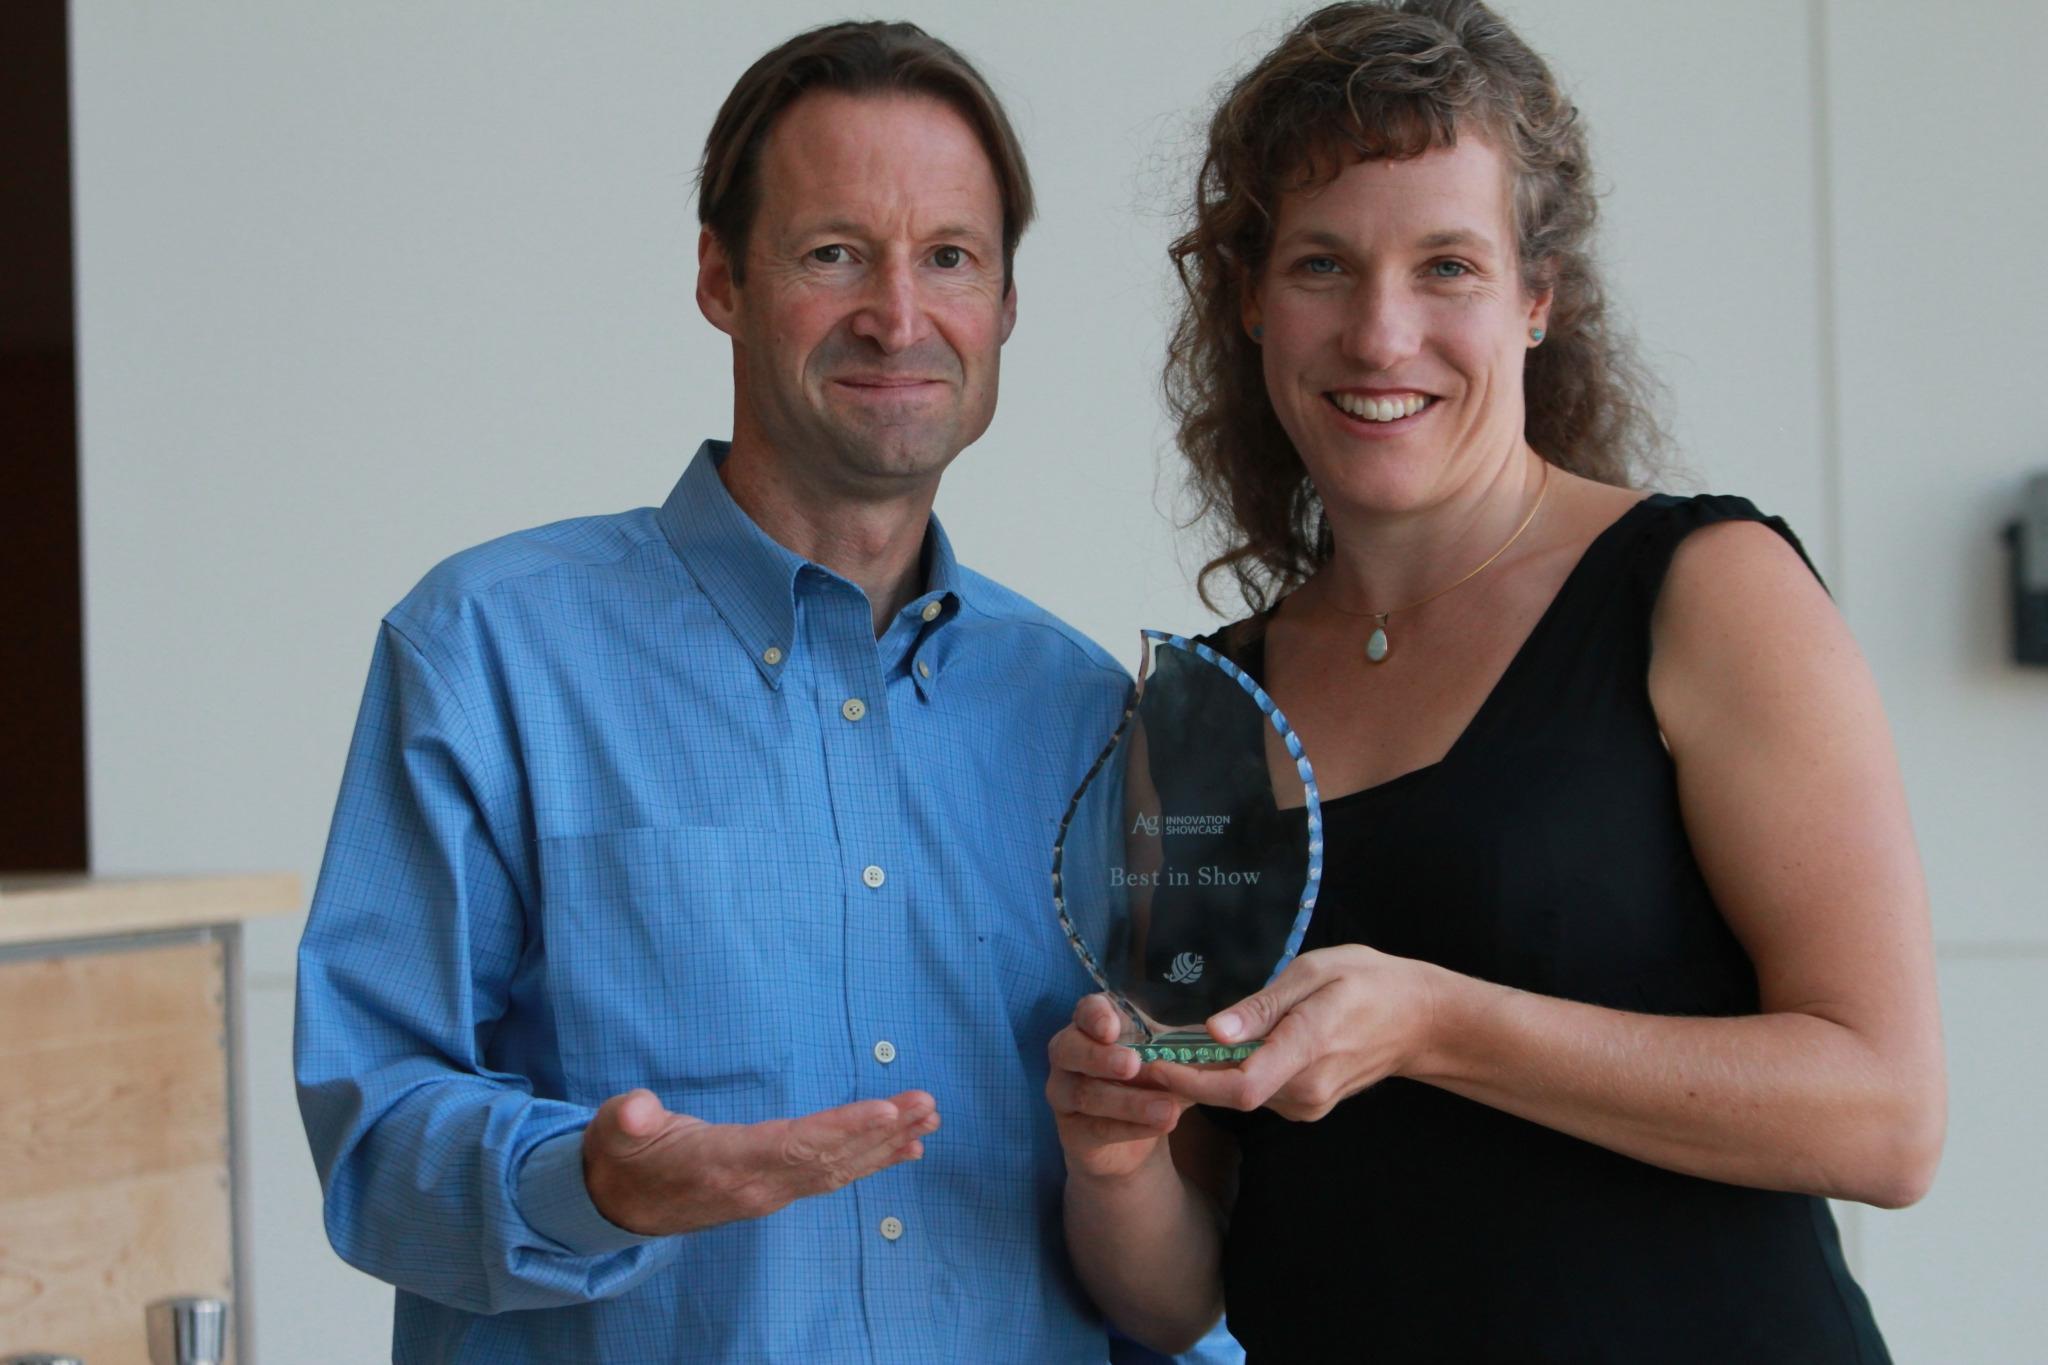 People's choice award -